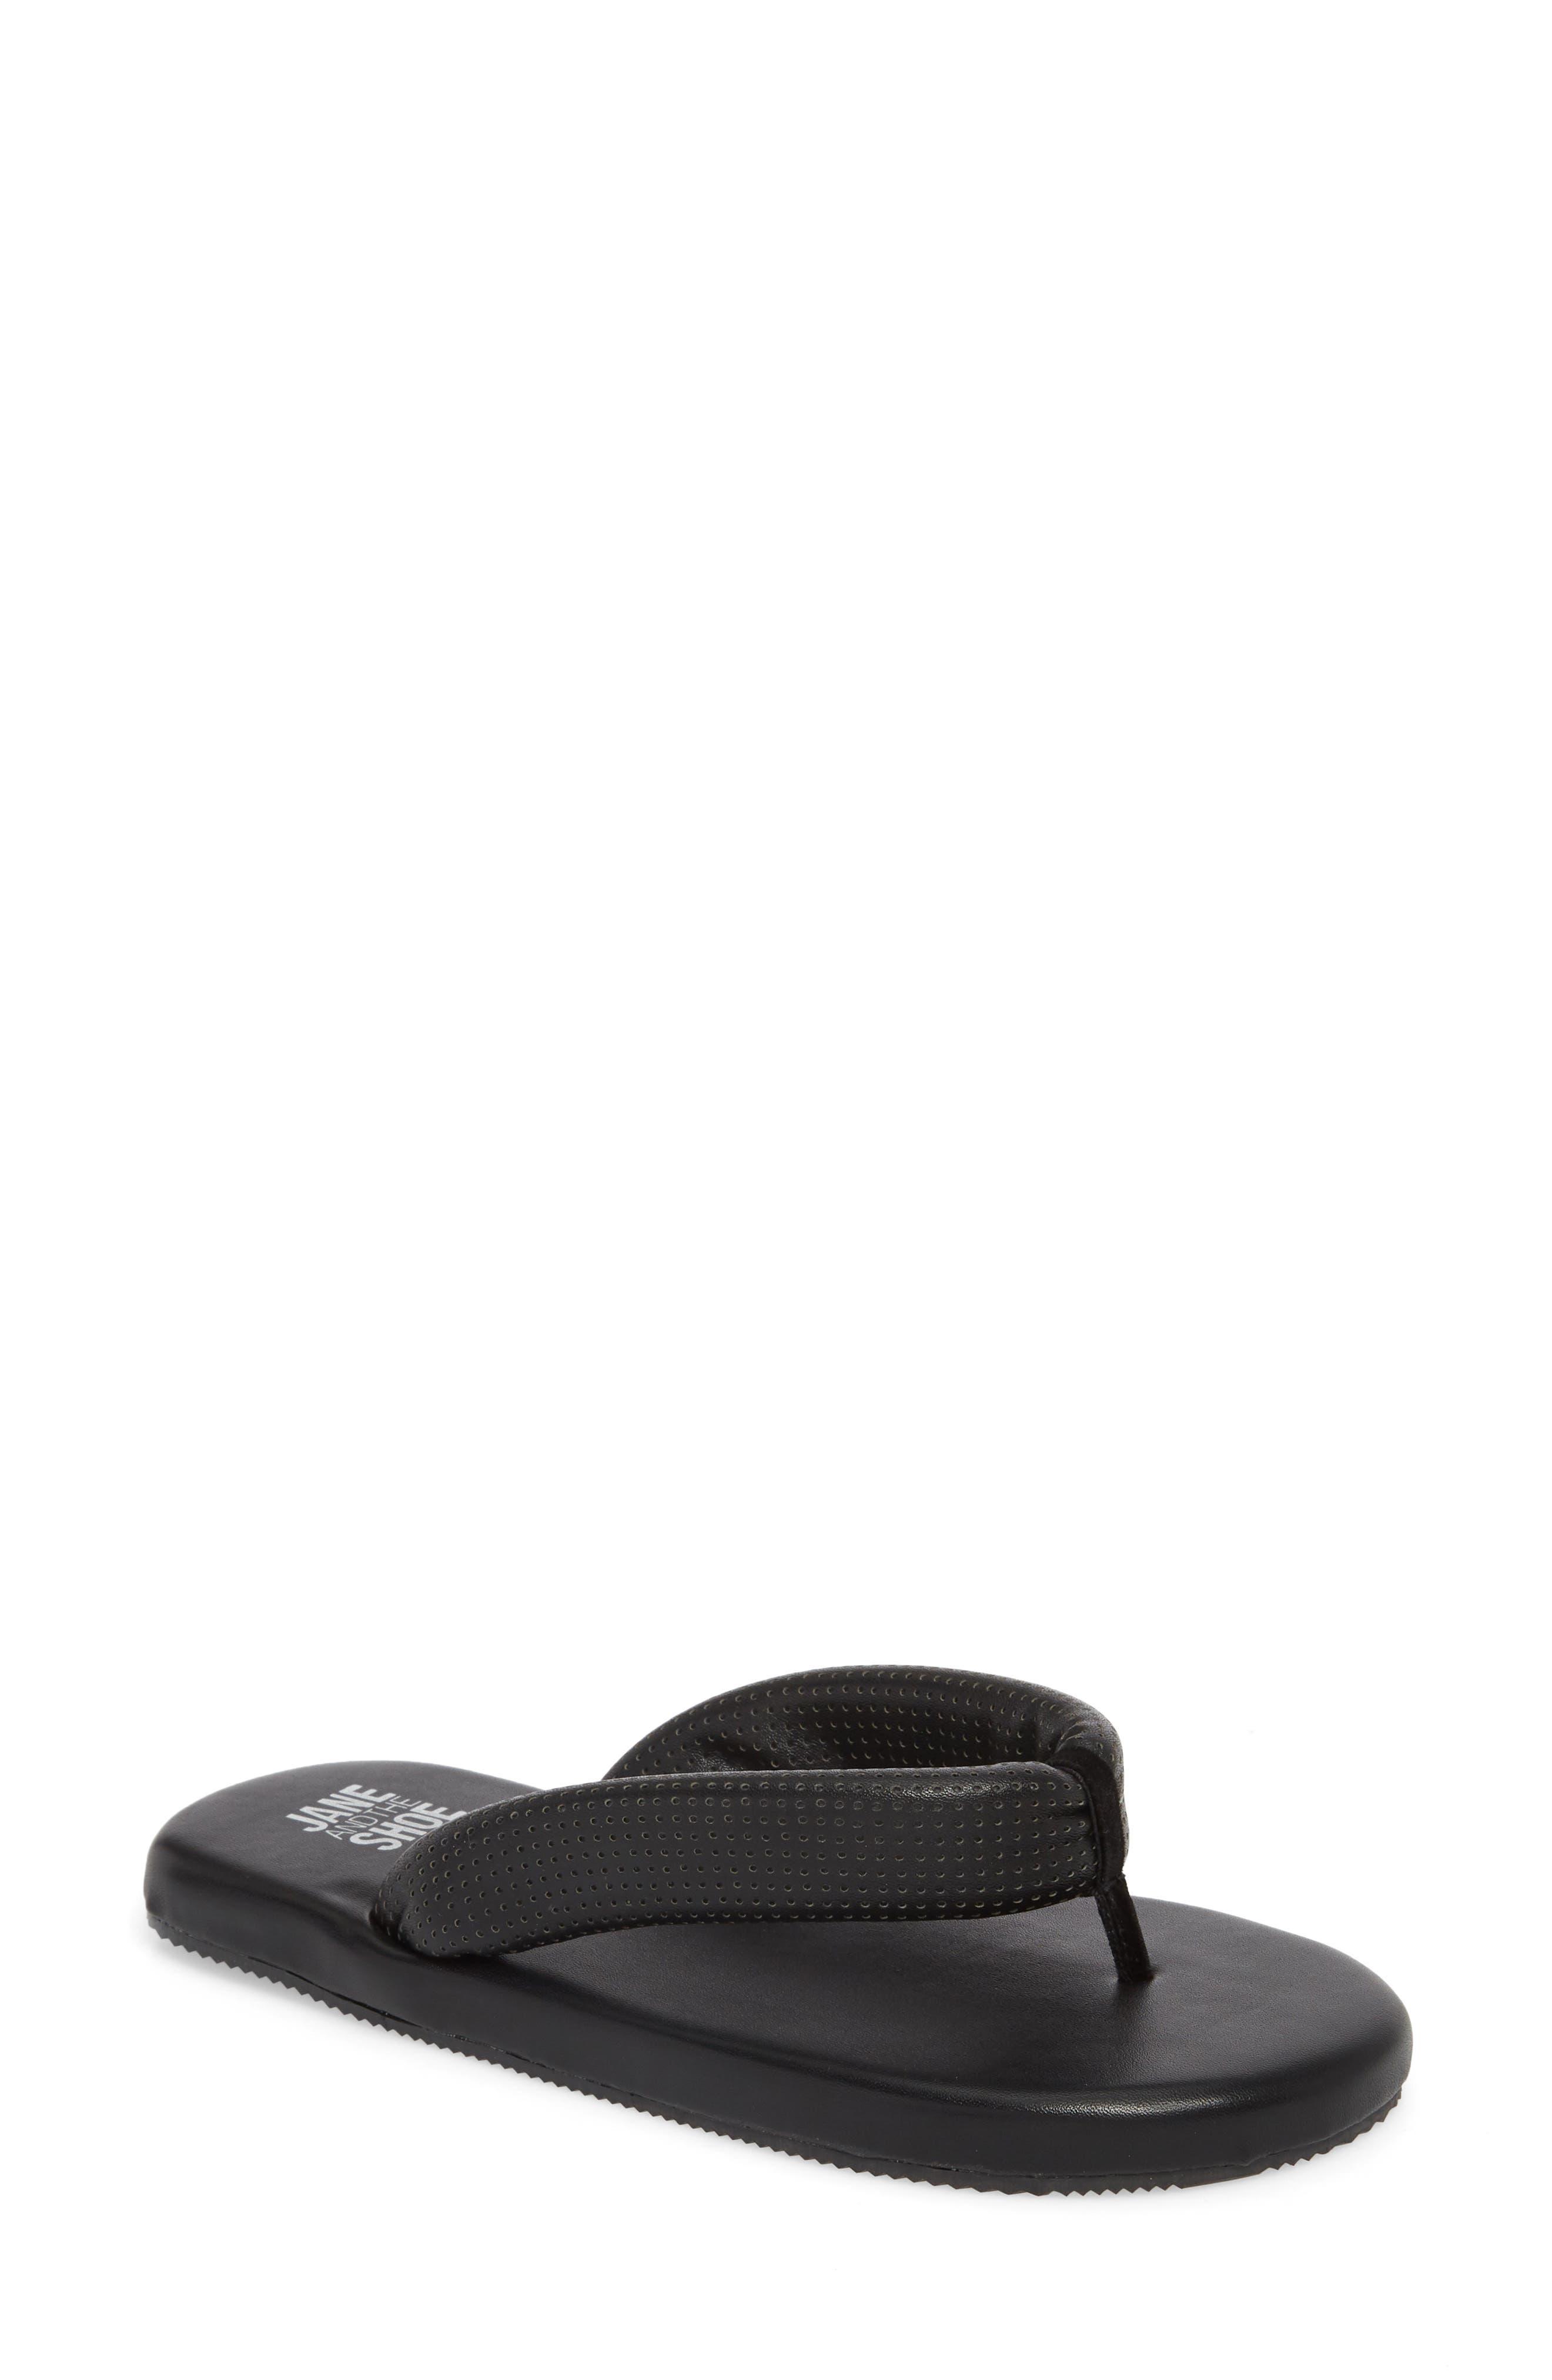 Jaime Plush Flip Flop,                         Main,                         color, Black